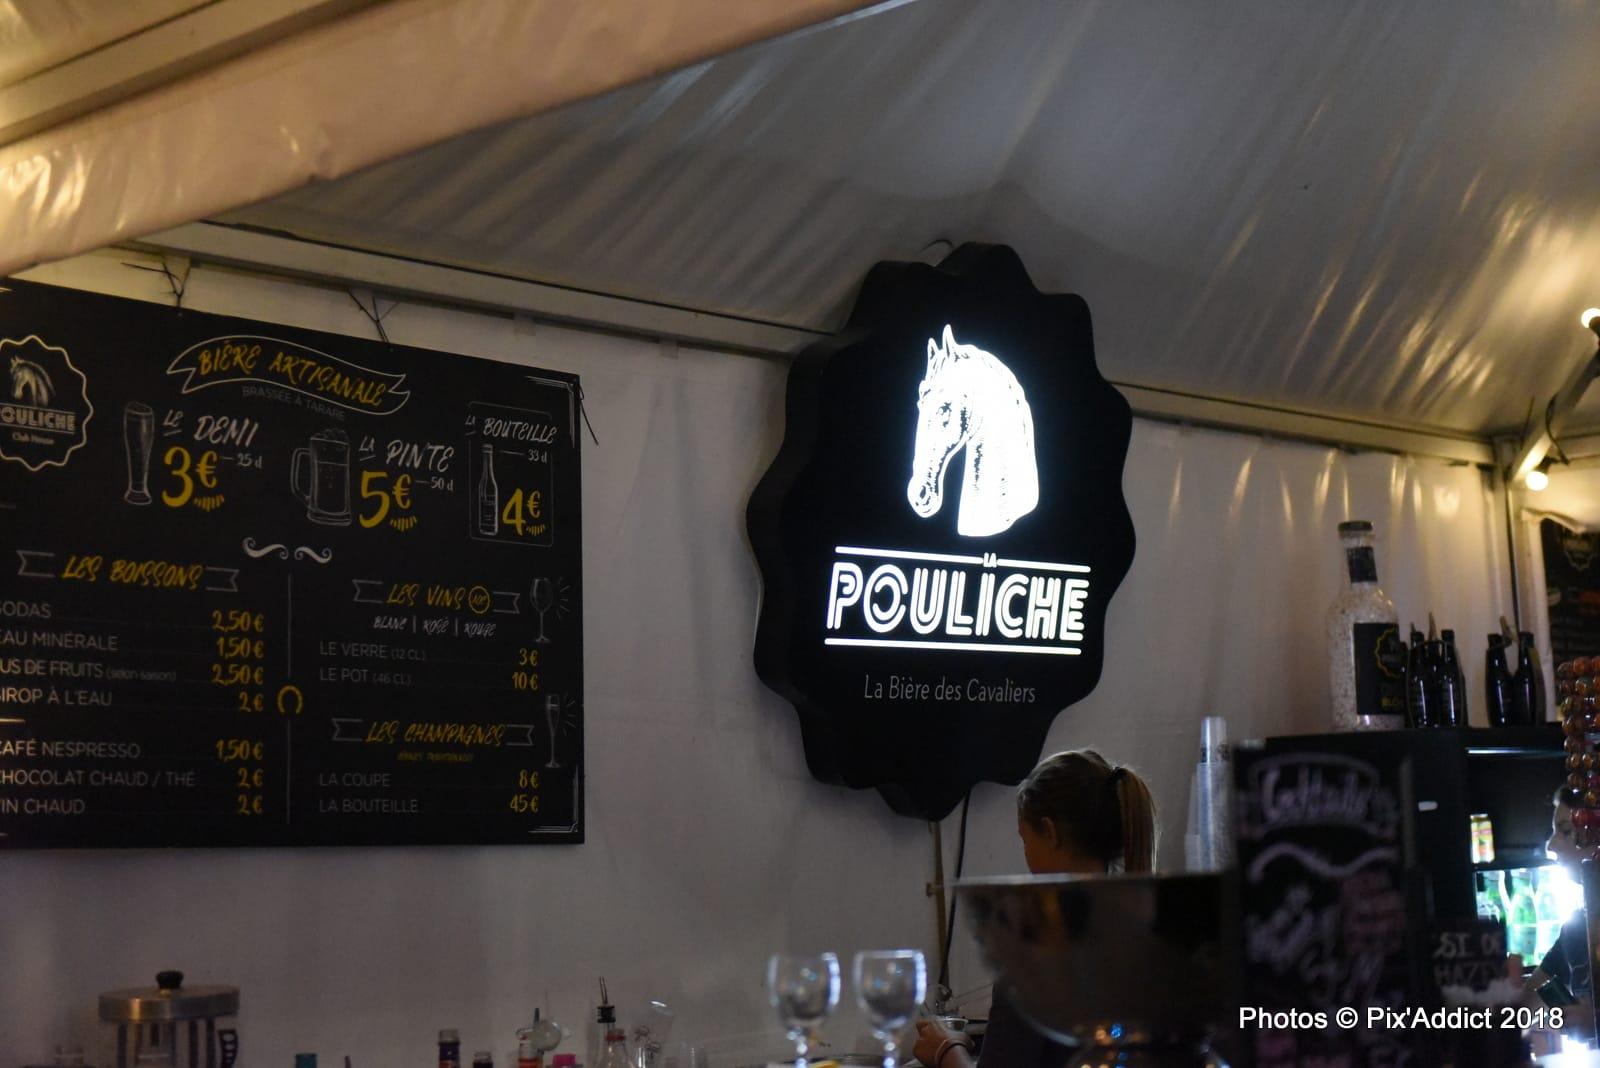 Bar Lounge La Pouliche - Soirée